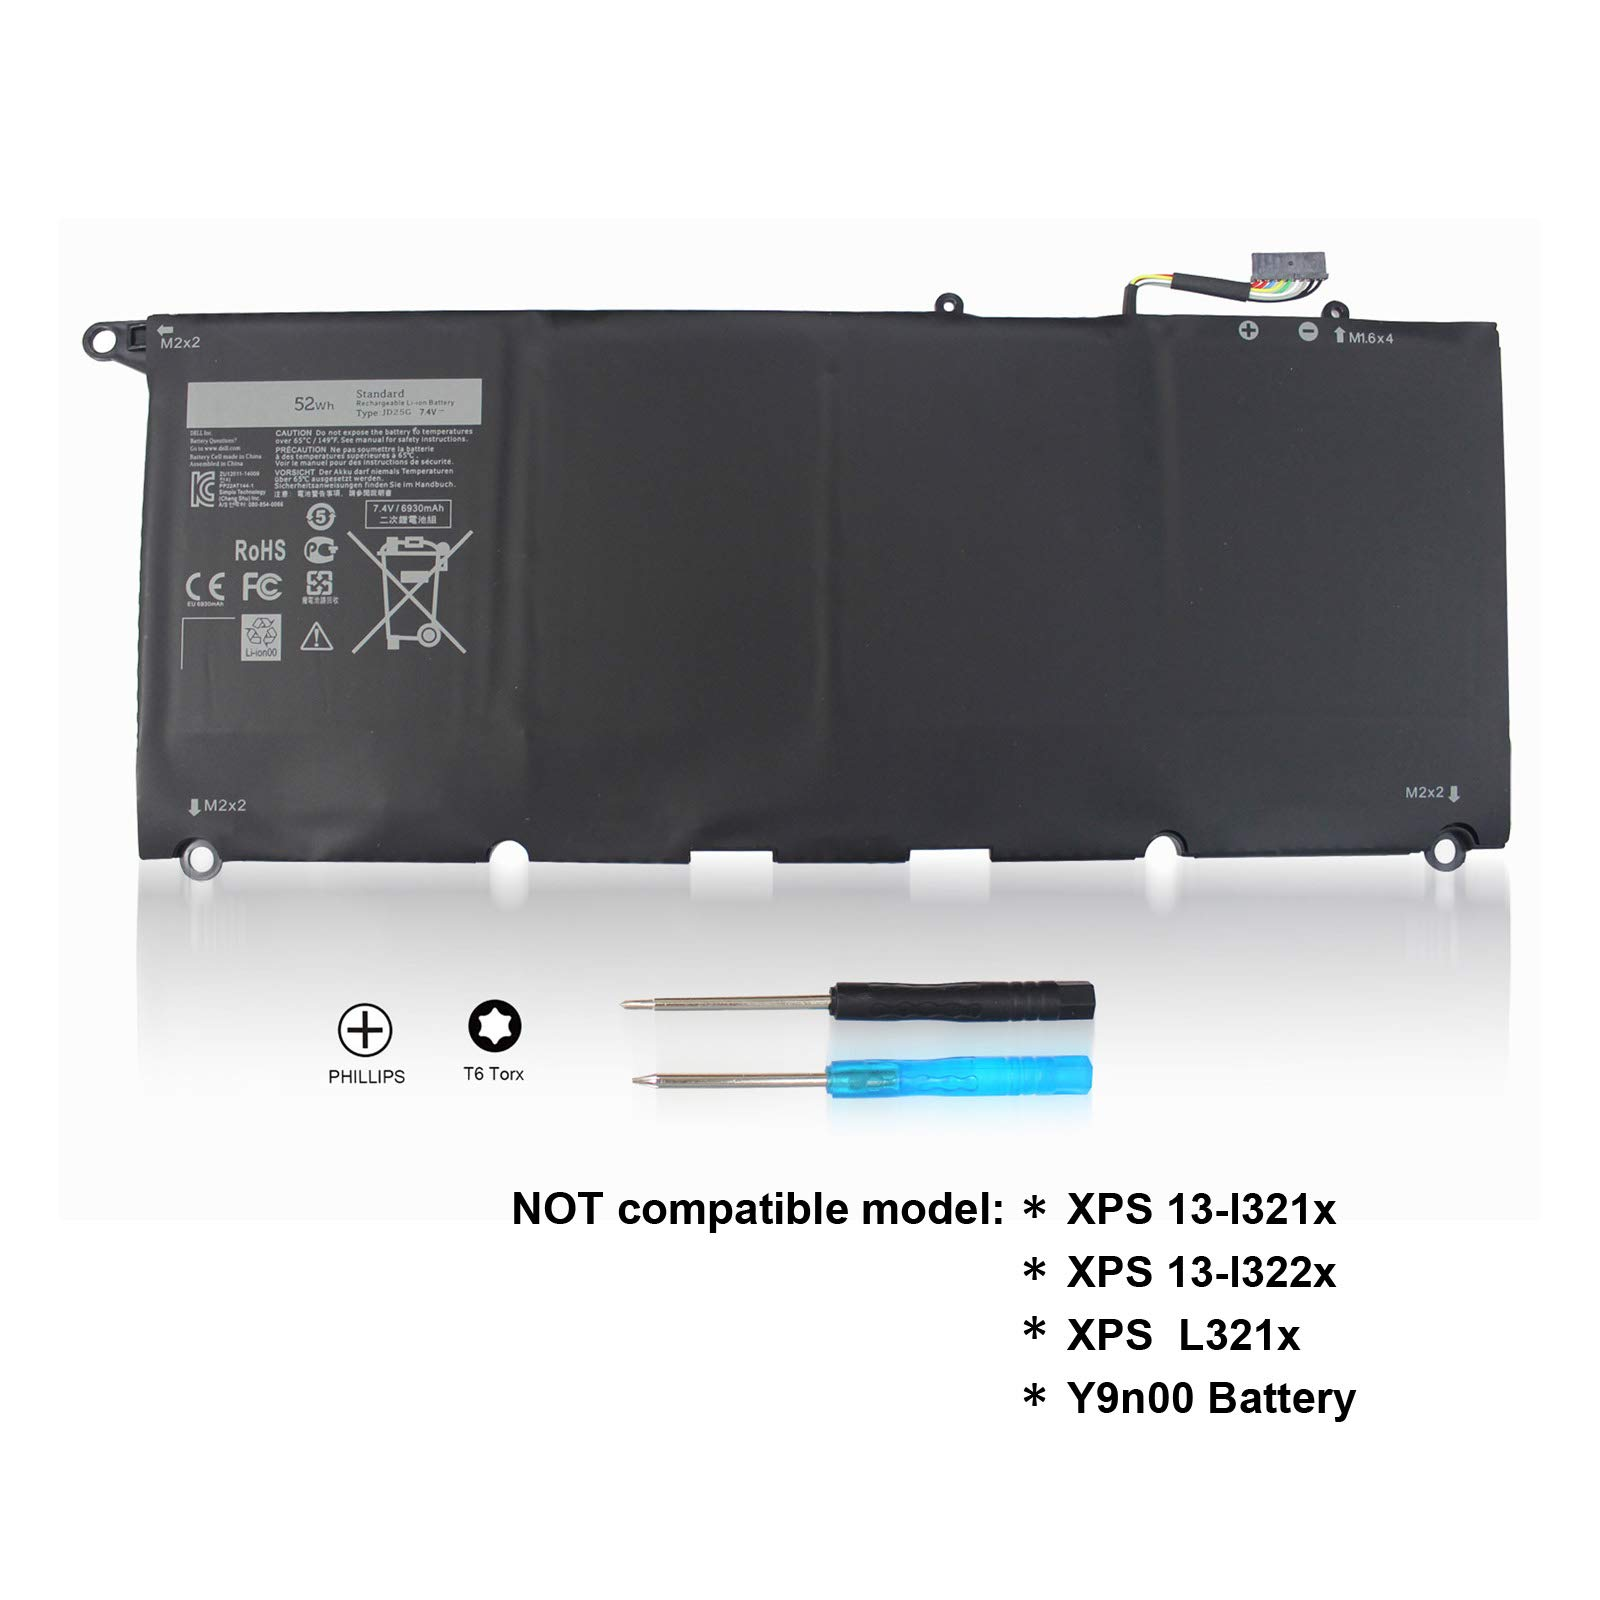 Bateria 7.4v Para Dell Xps 13-9343 13-9350 Jd25g Jhxpy Rwt1r 5k9cp 0n7t6 90v7w 090v7w 0drrp 00drrp 12